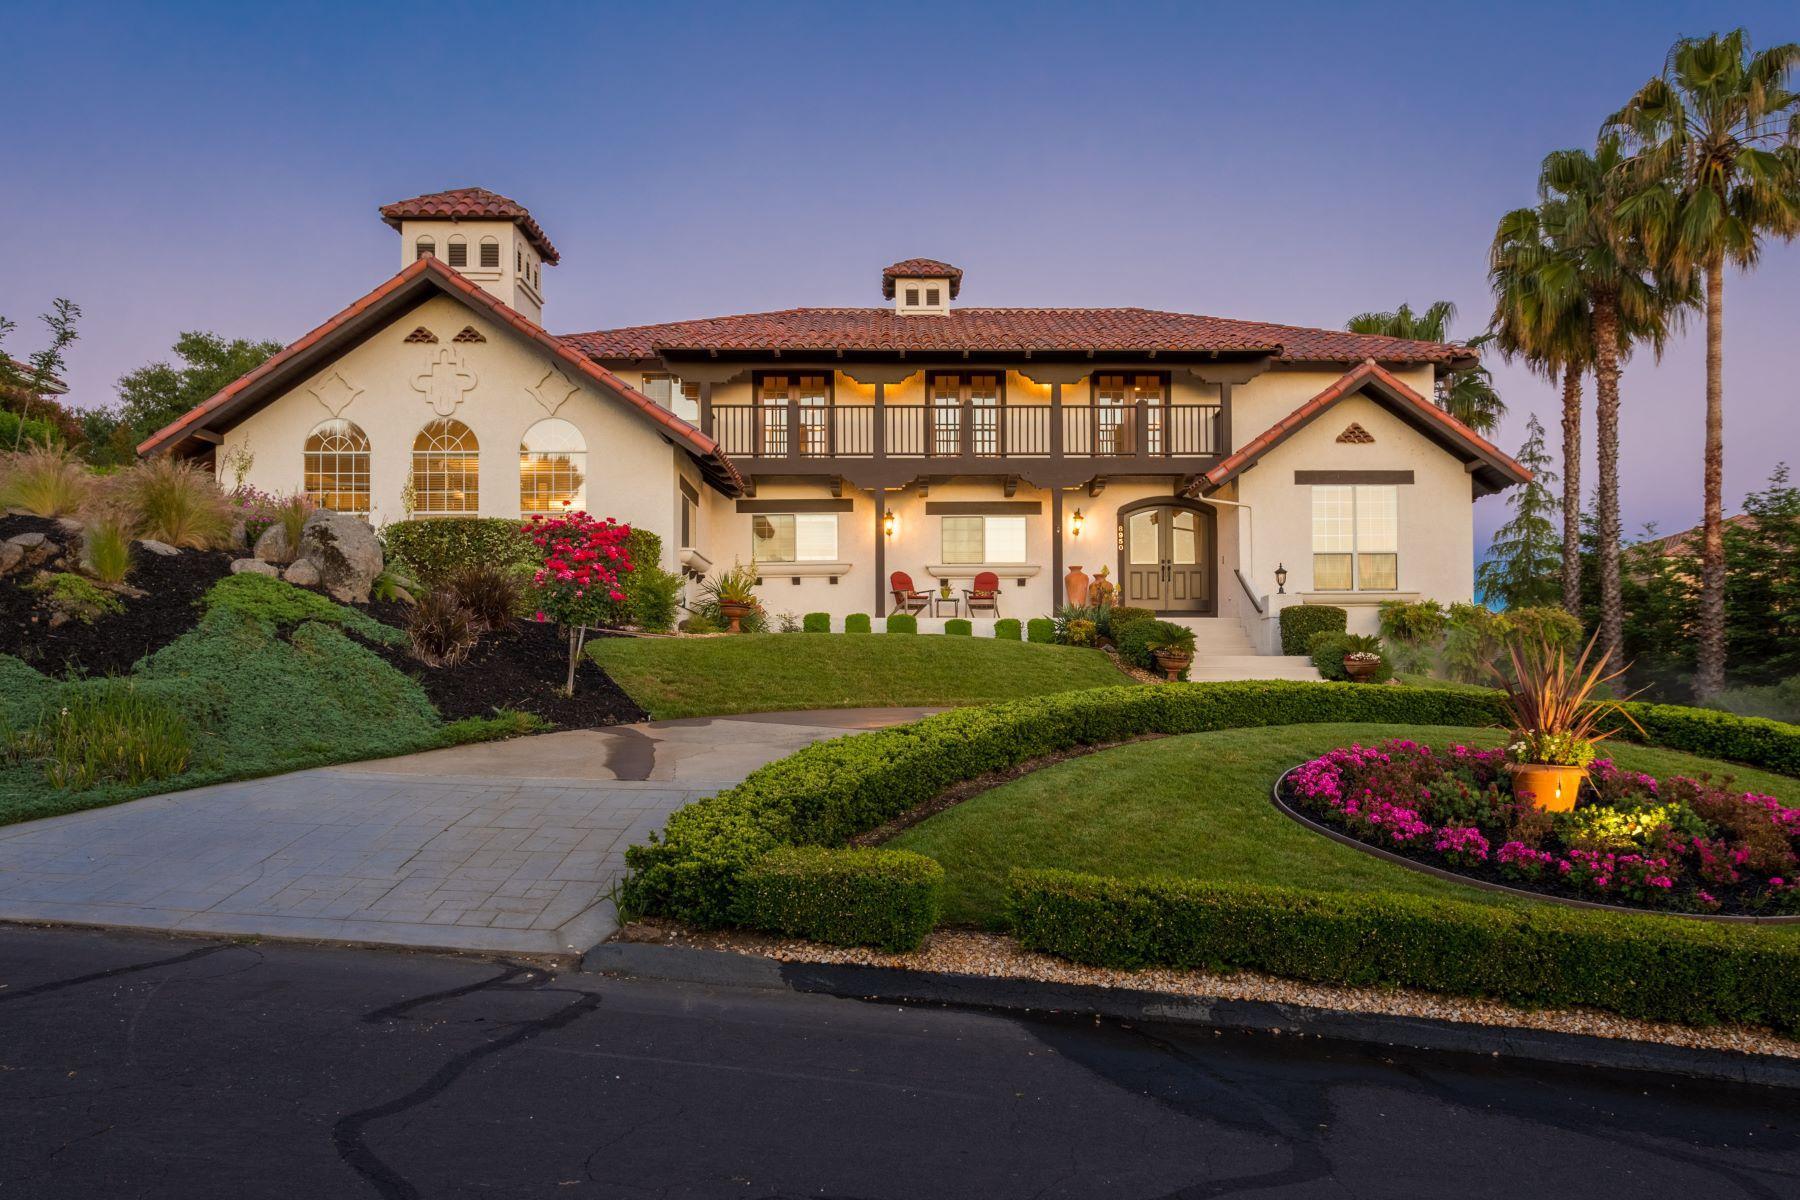 Single Family Home for Sale at 8950 Vista De Lago Ct, Granite Bay, CA 95746 Granite Bay, California 95746 United States